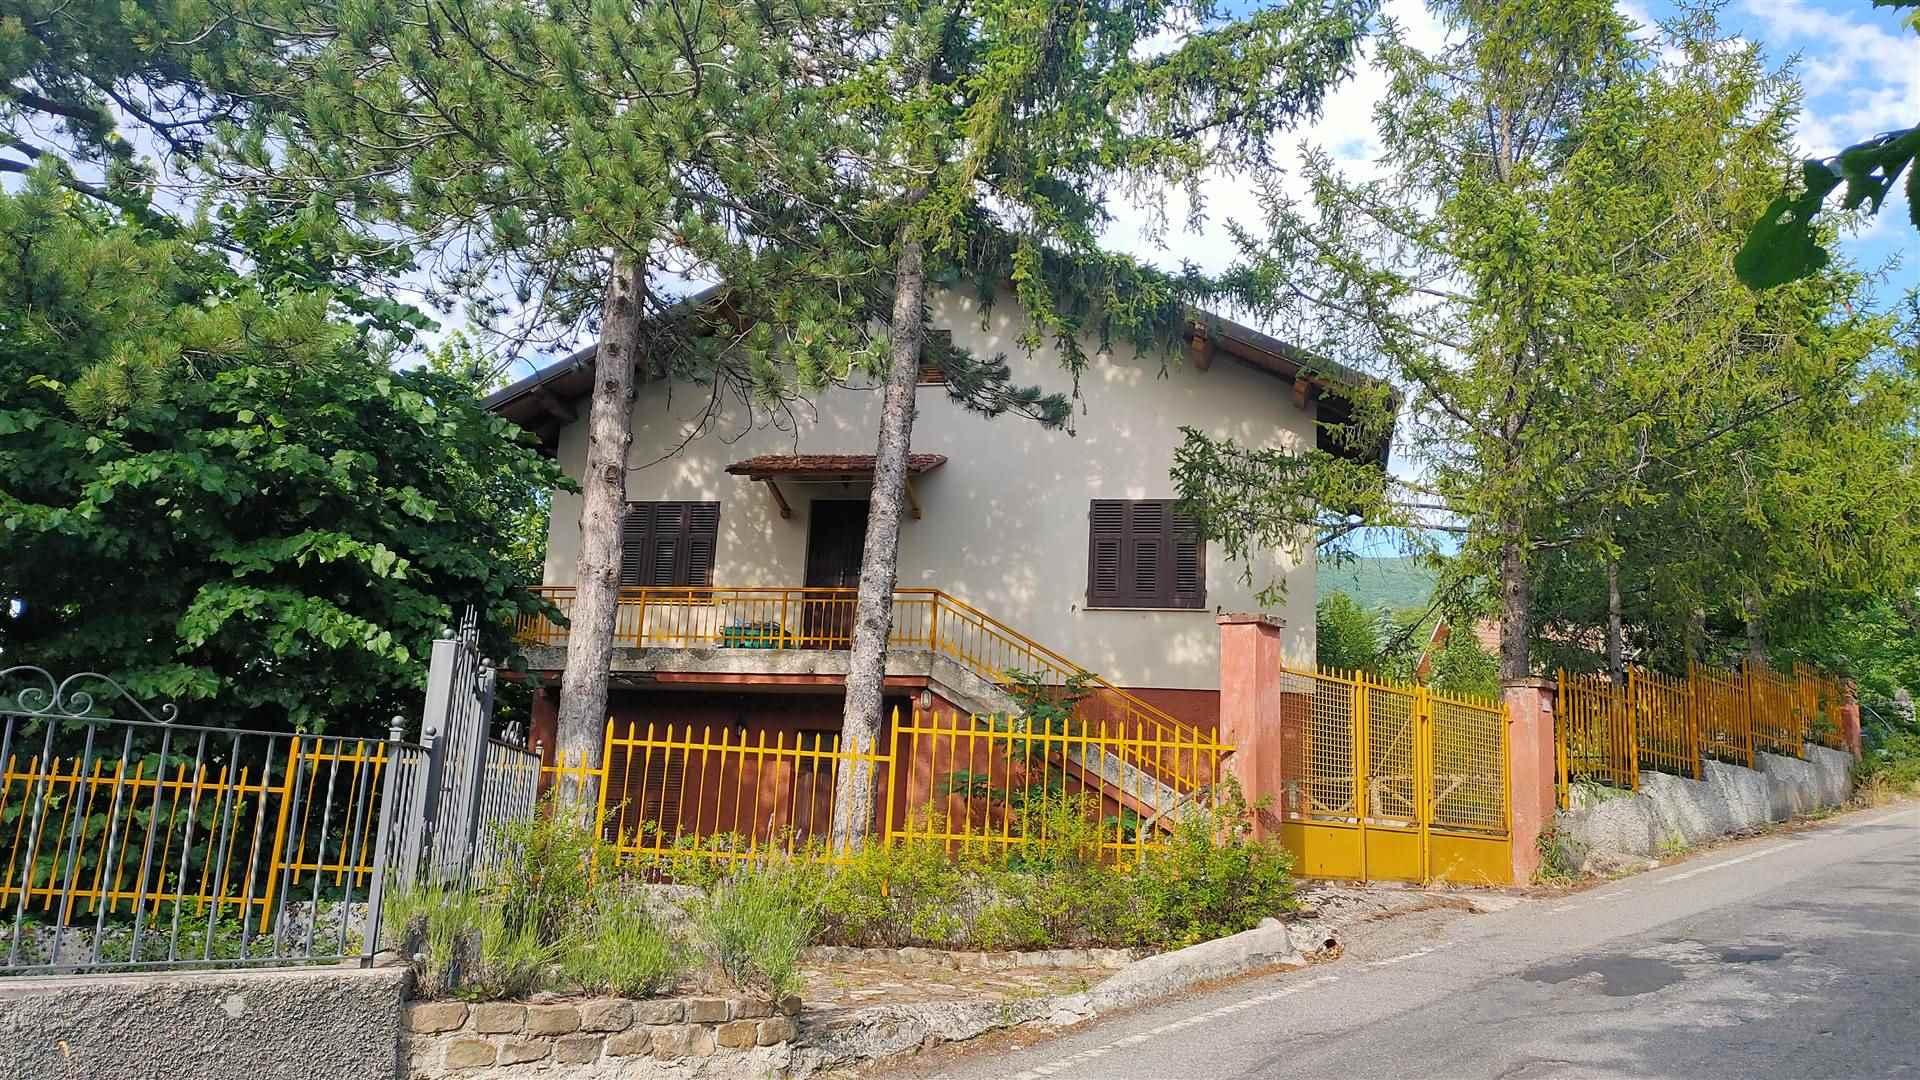 Soluzione Indipendente in vendita a Cantalupo Ligure, 7 locali, zona Zona: Pallavicino, prezzo € 99.000   CambioCasa.it